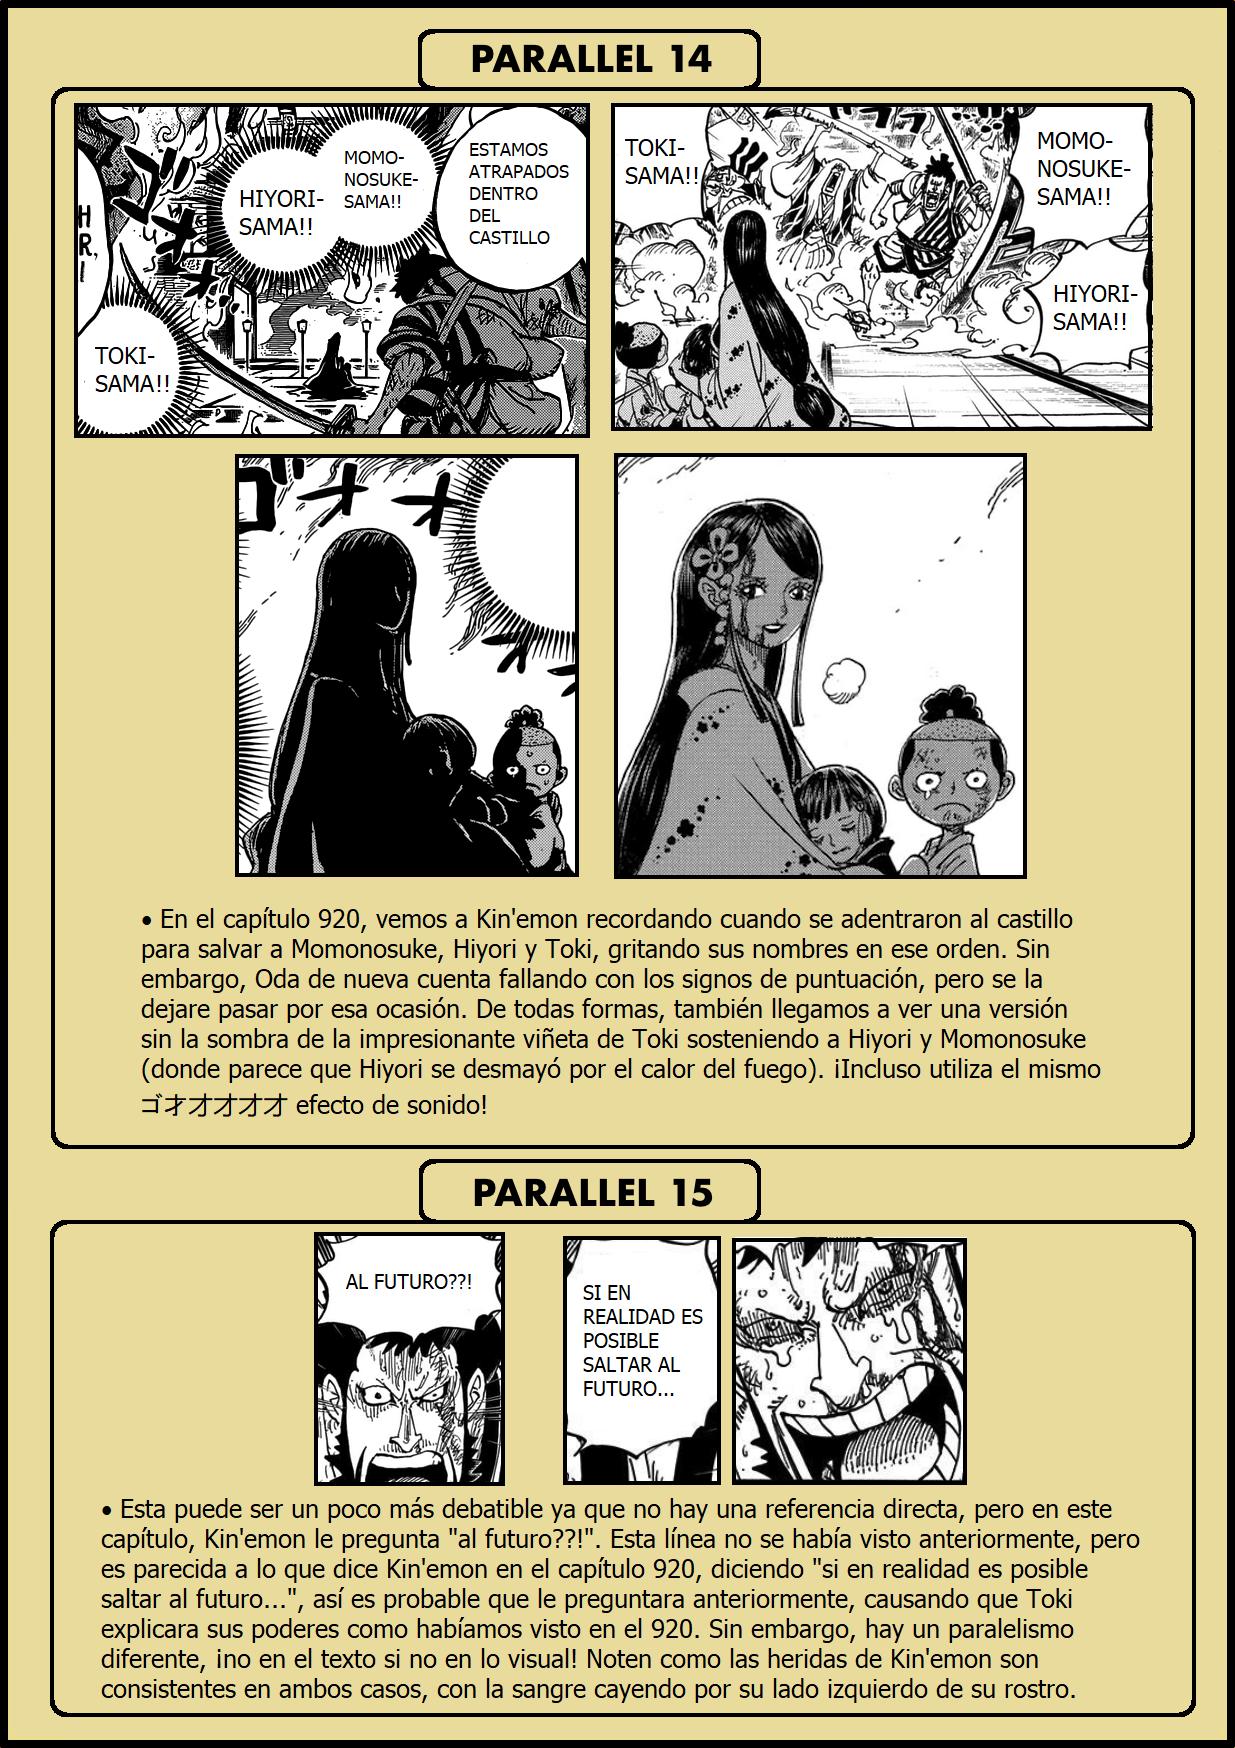 Secretos & Curiosidades - One Piece Manga 973 11